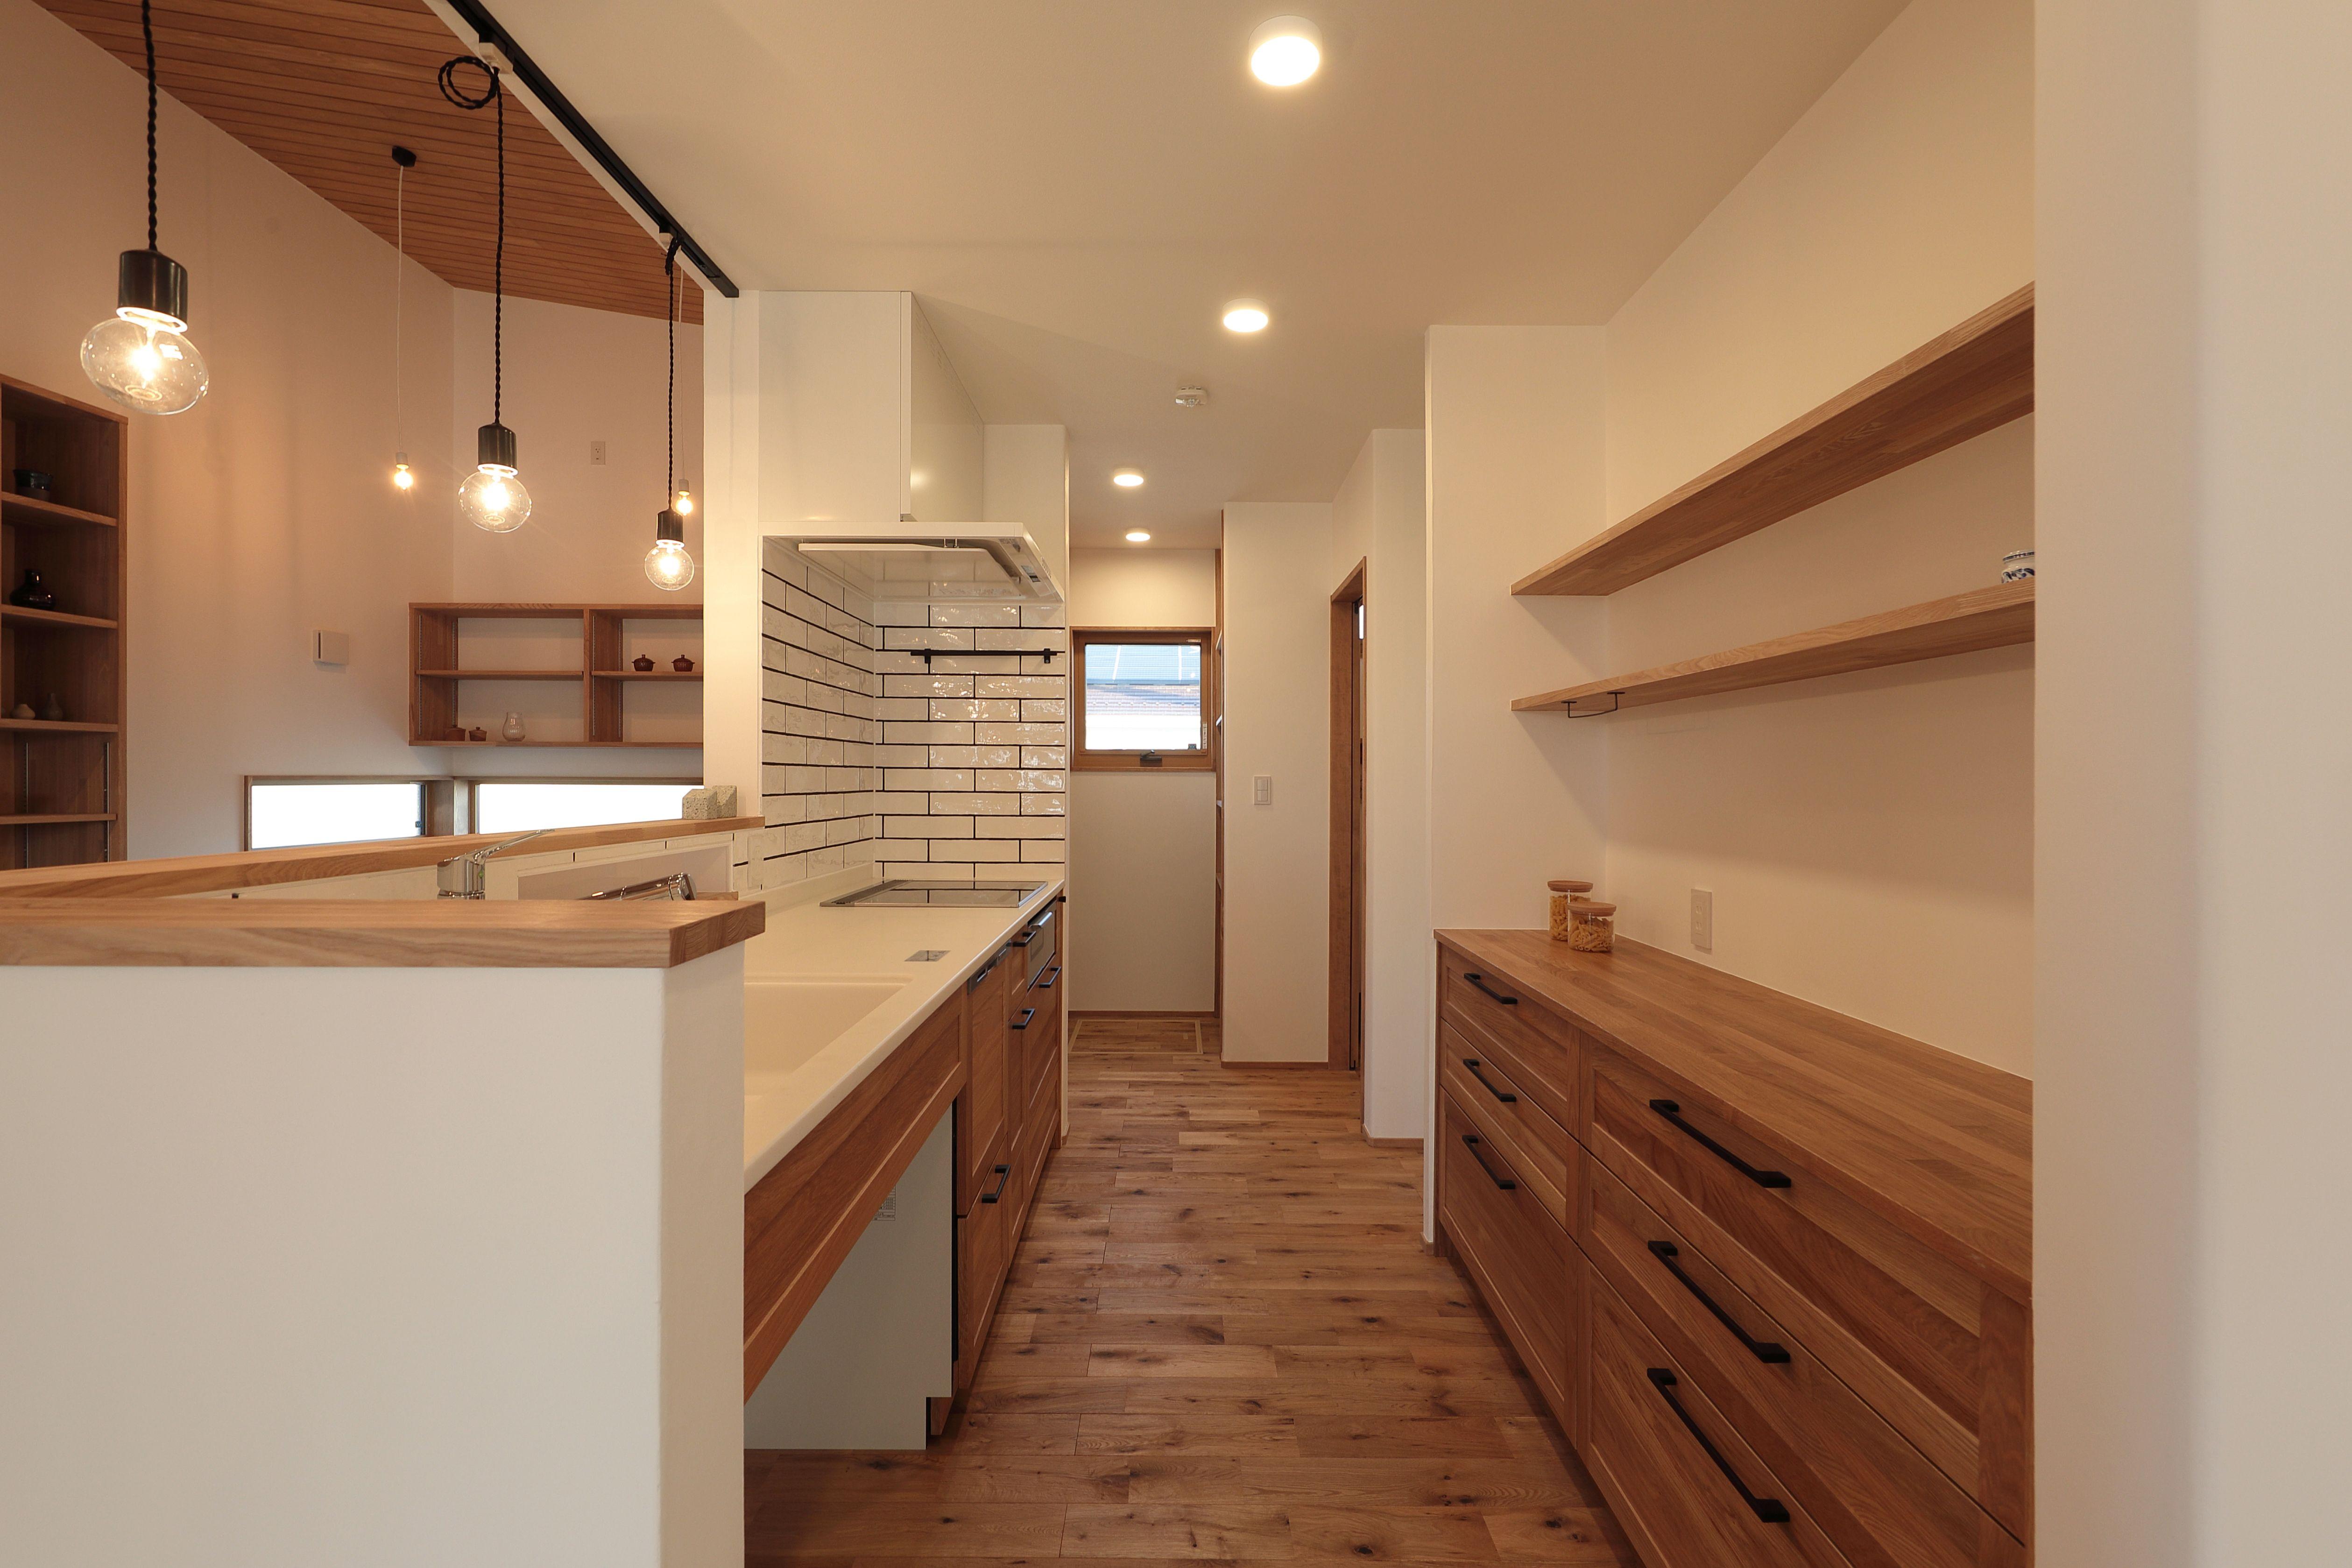 キッチン タイル 対面キッチン 自然素材 Wabika 廣神建設 群馬 高崎